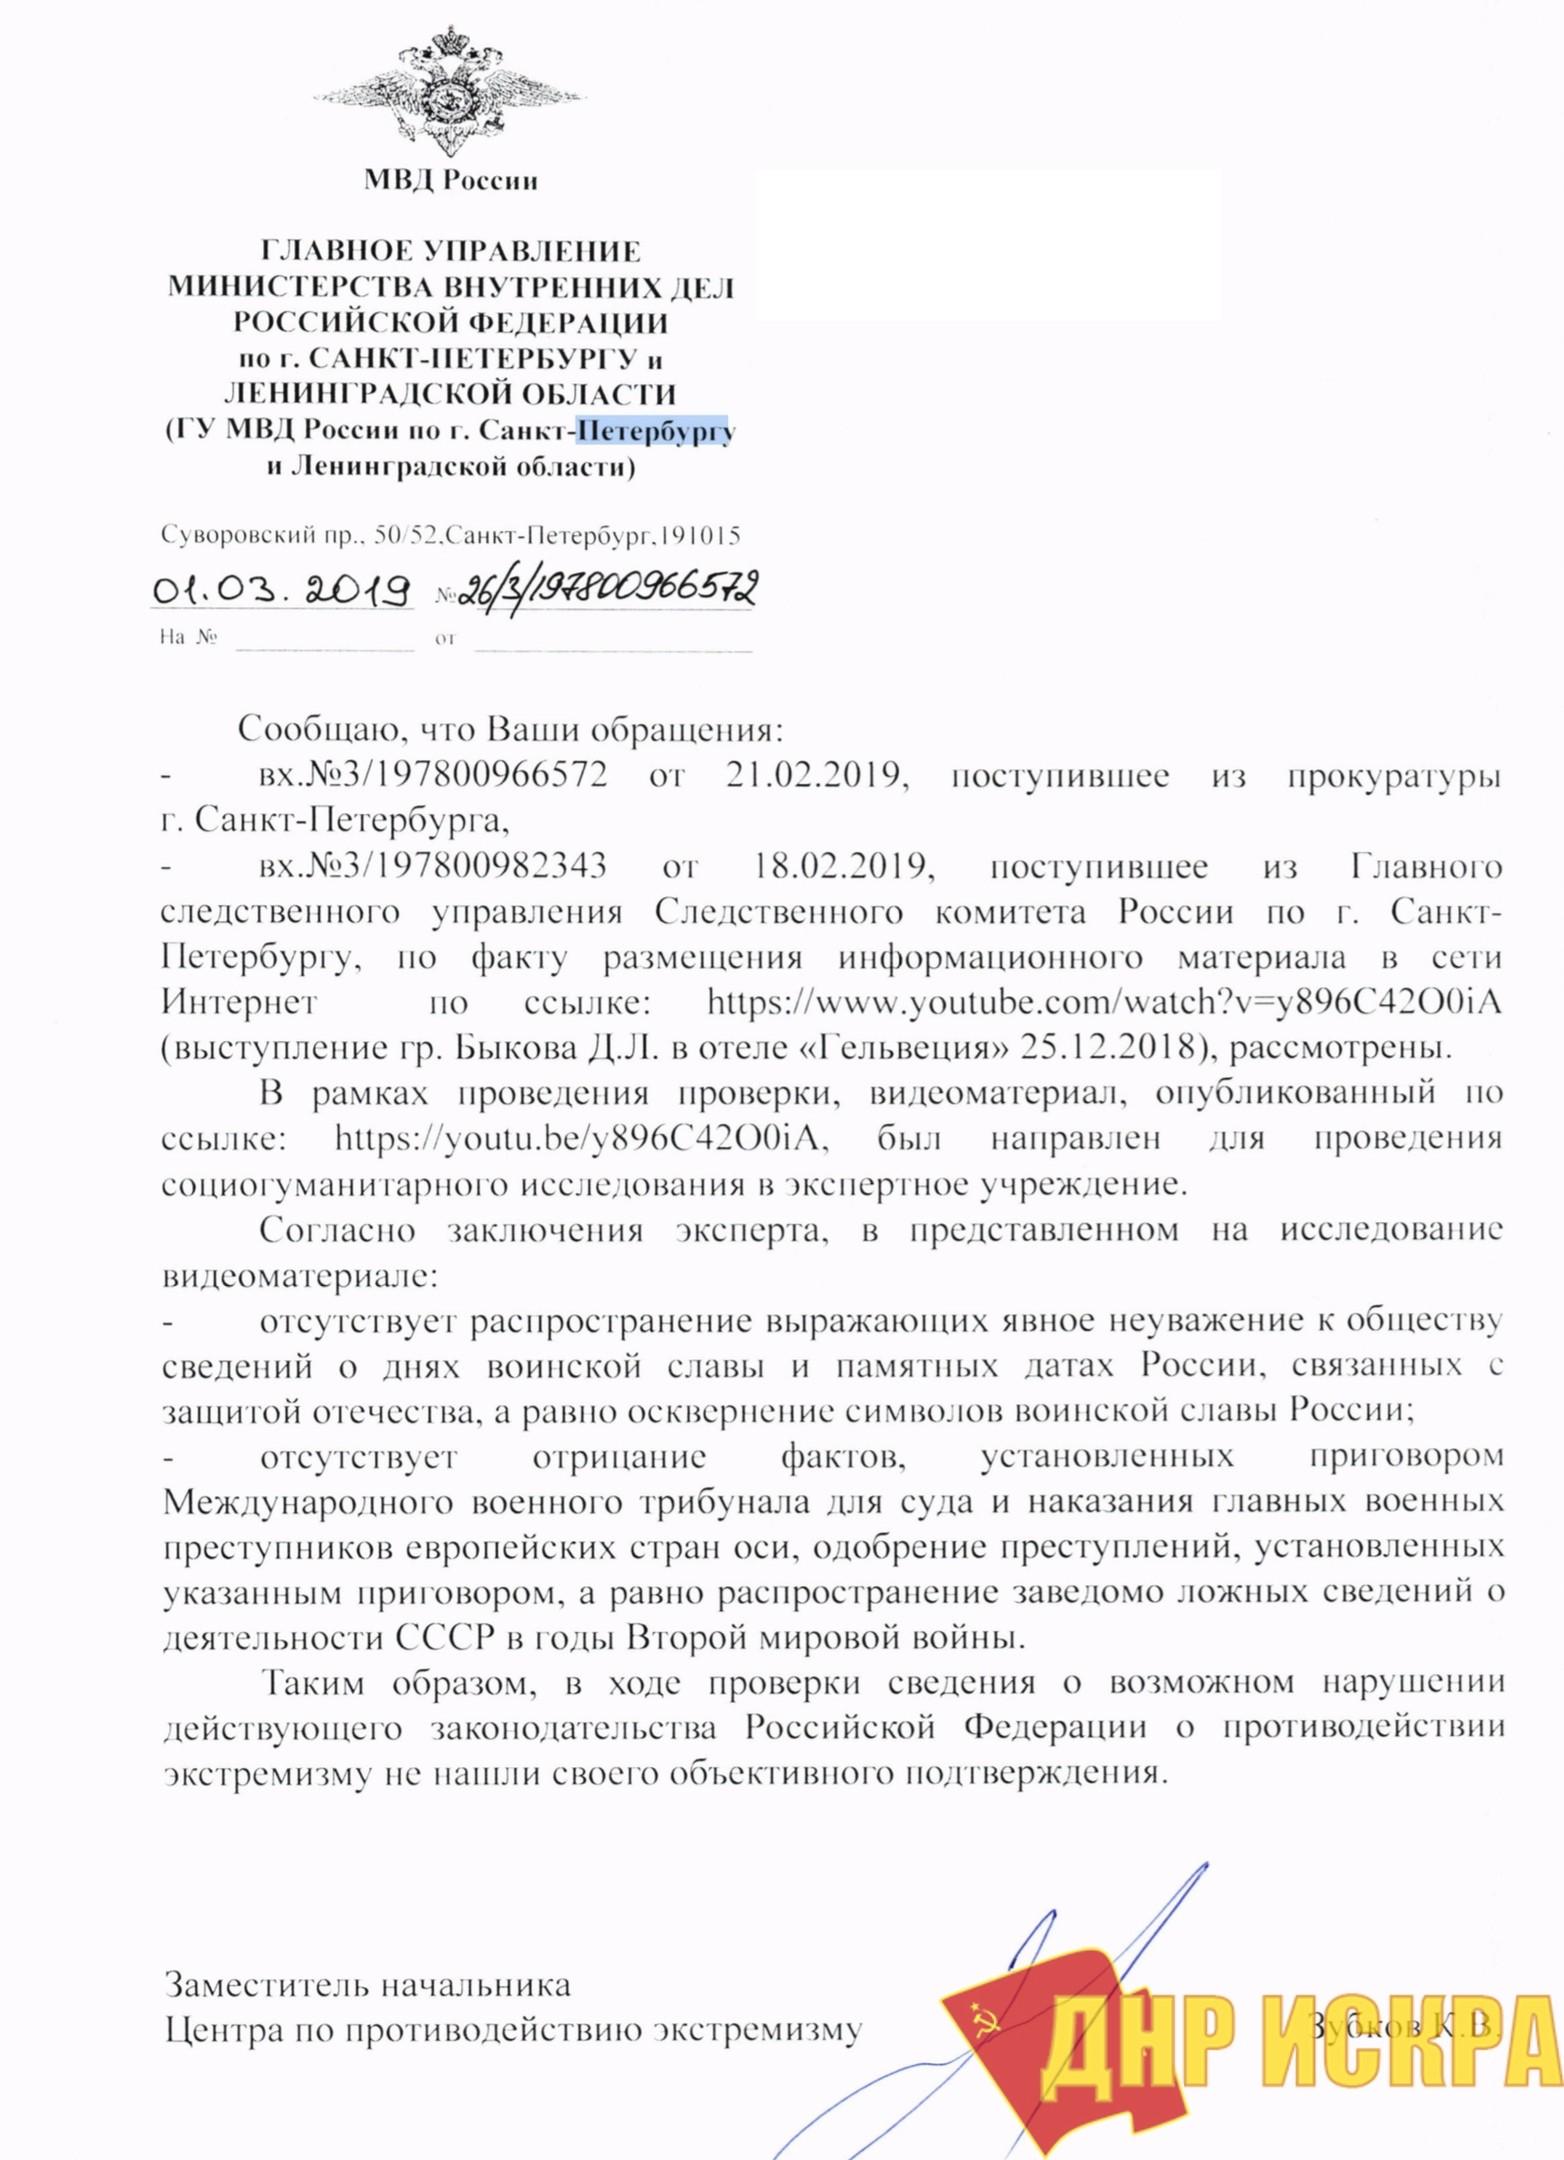 Дмитрий Быков сможет безнаказанно оправдывать Гитлера и Власова